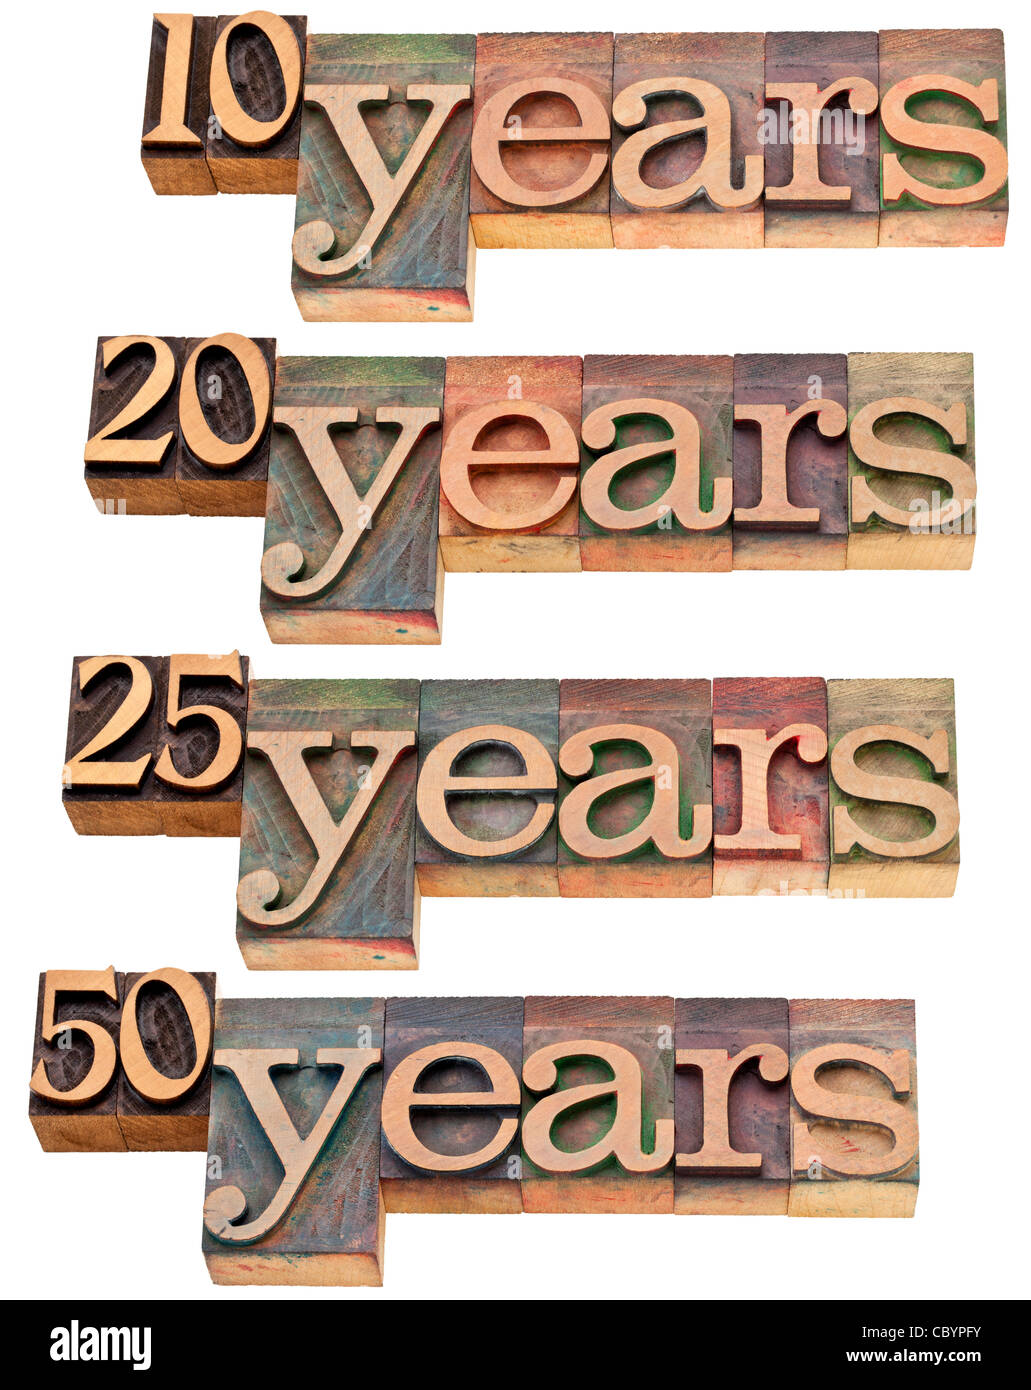 Anniversaire concept - 10, 20 ,25, 50 ans - isolé du texte dans la typographie vintage wood blocks tachés Photo Stock